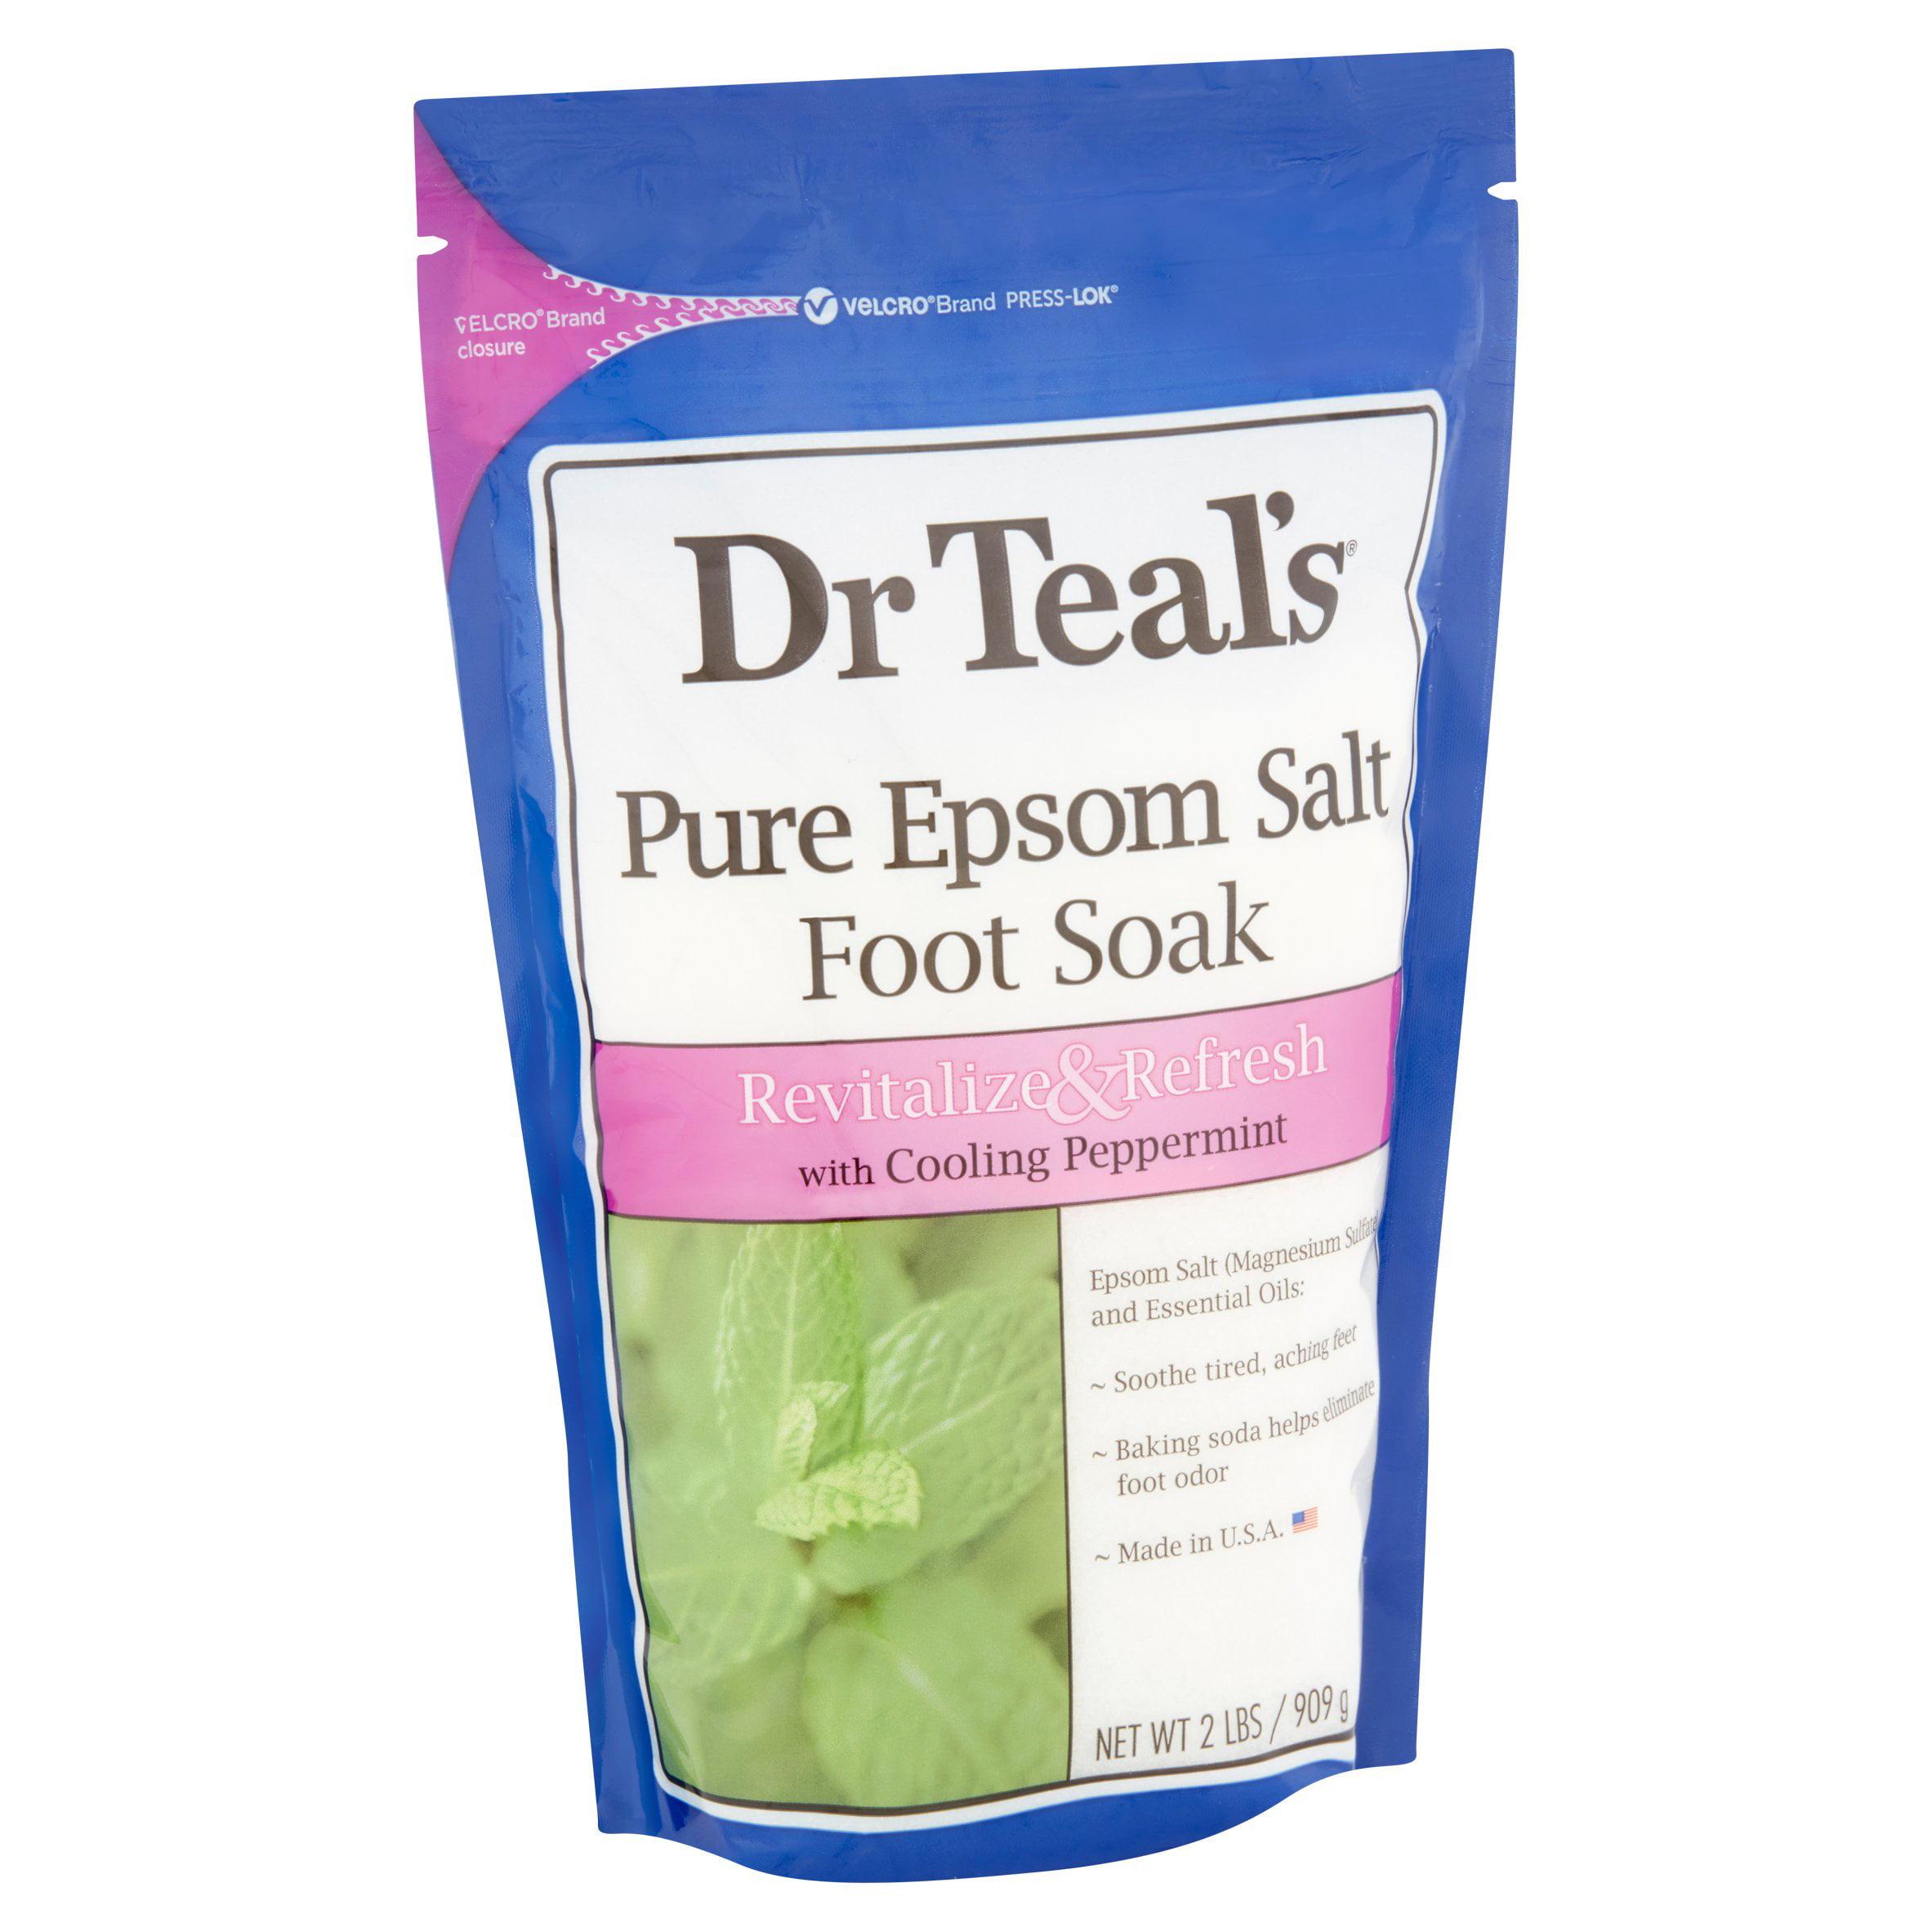 Dr Teal's Pure Epsom Salt Foot Soak, 2 lbs  - Walmart com